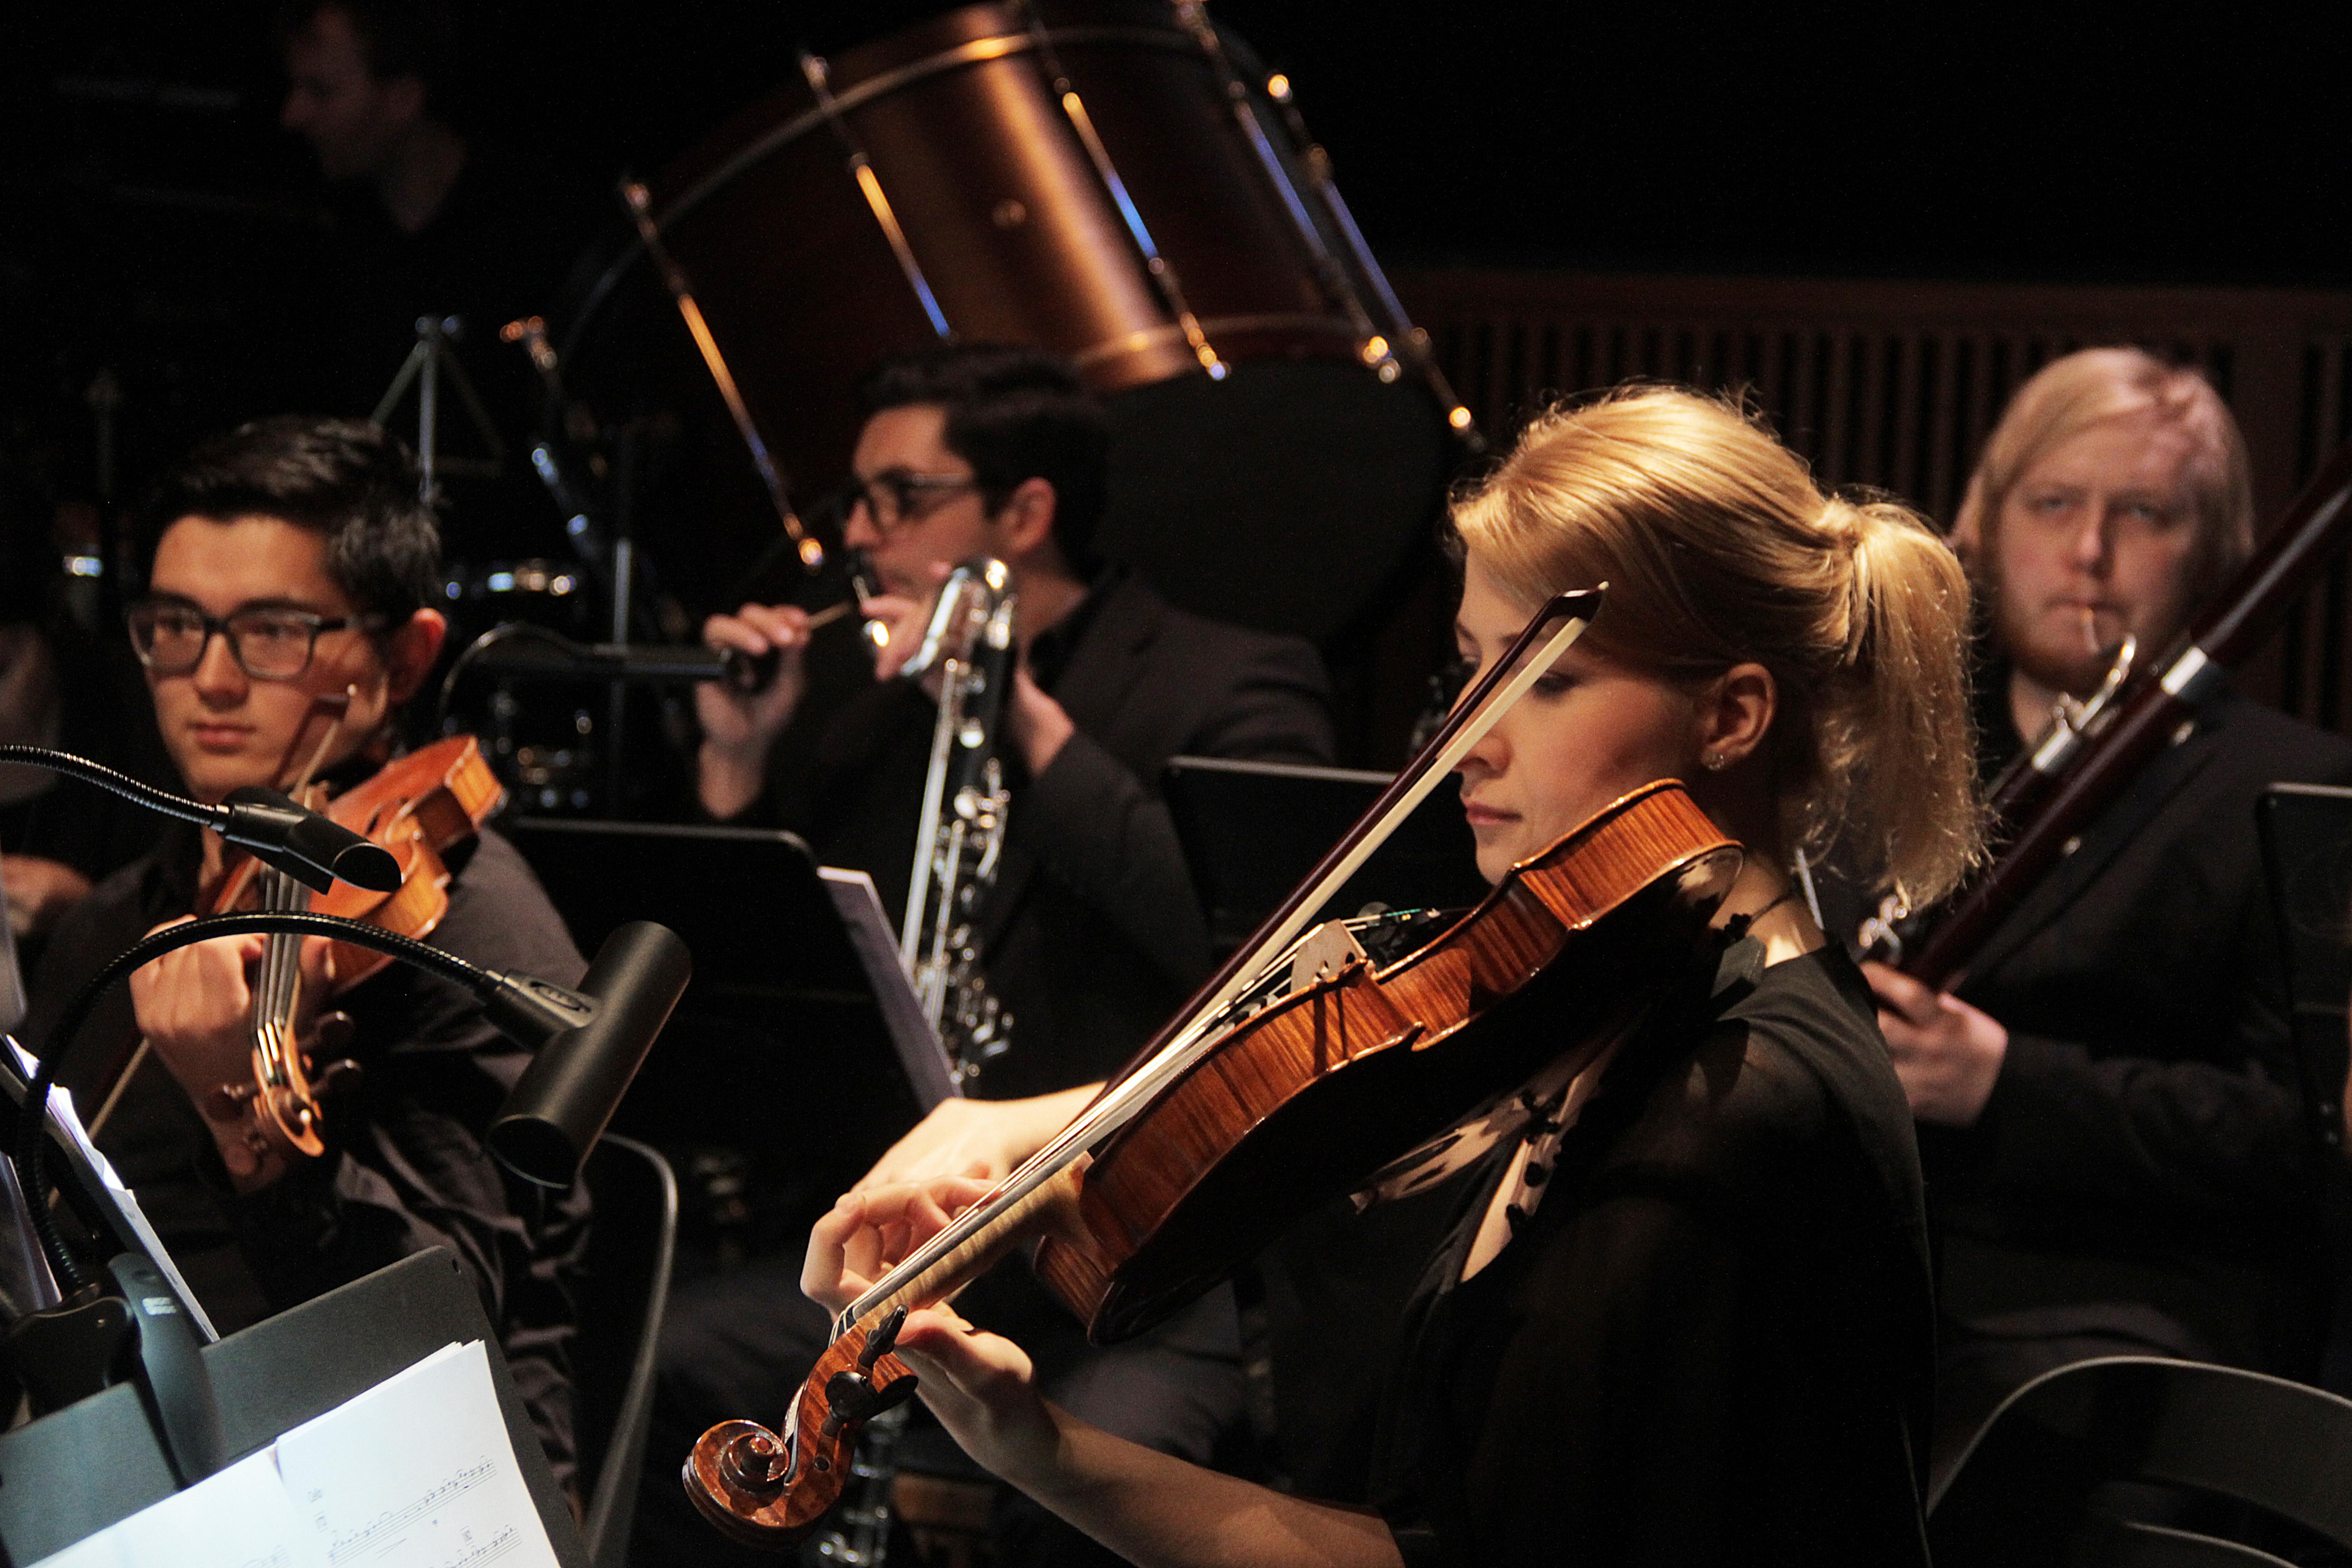 Nordnorsk opera- og symfoniorkester. Photo: Mohamed Jabaly